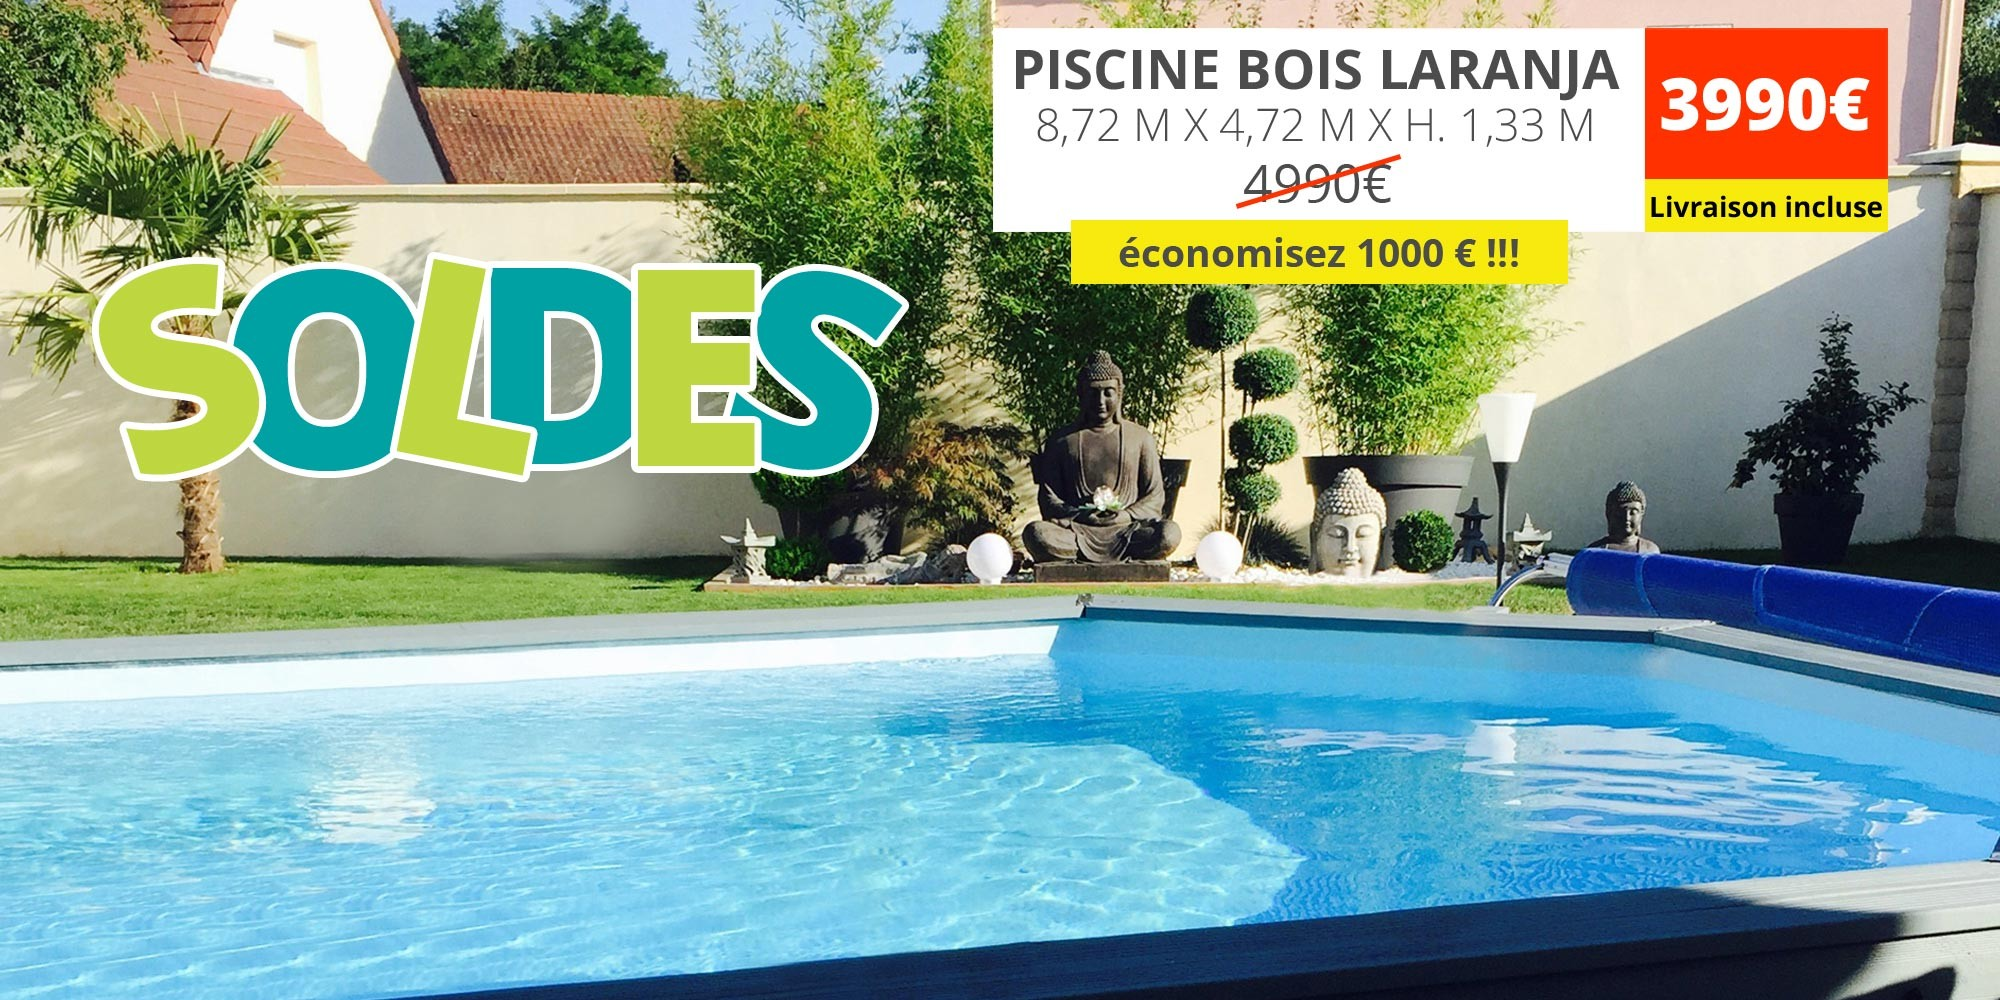 -1000€ sur la piscine bois laranaja